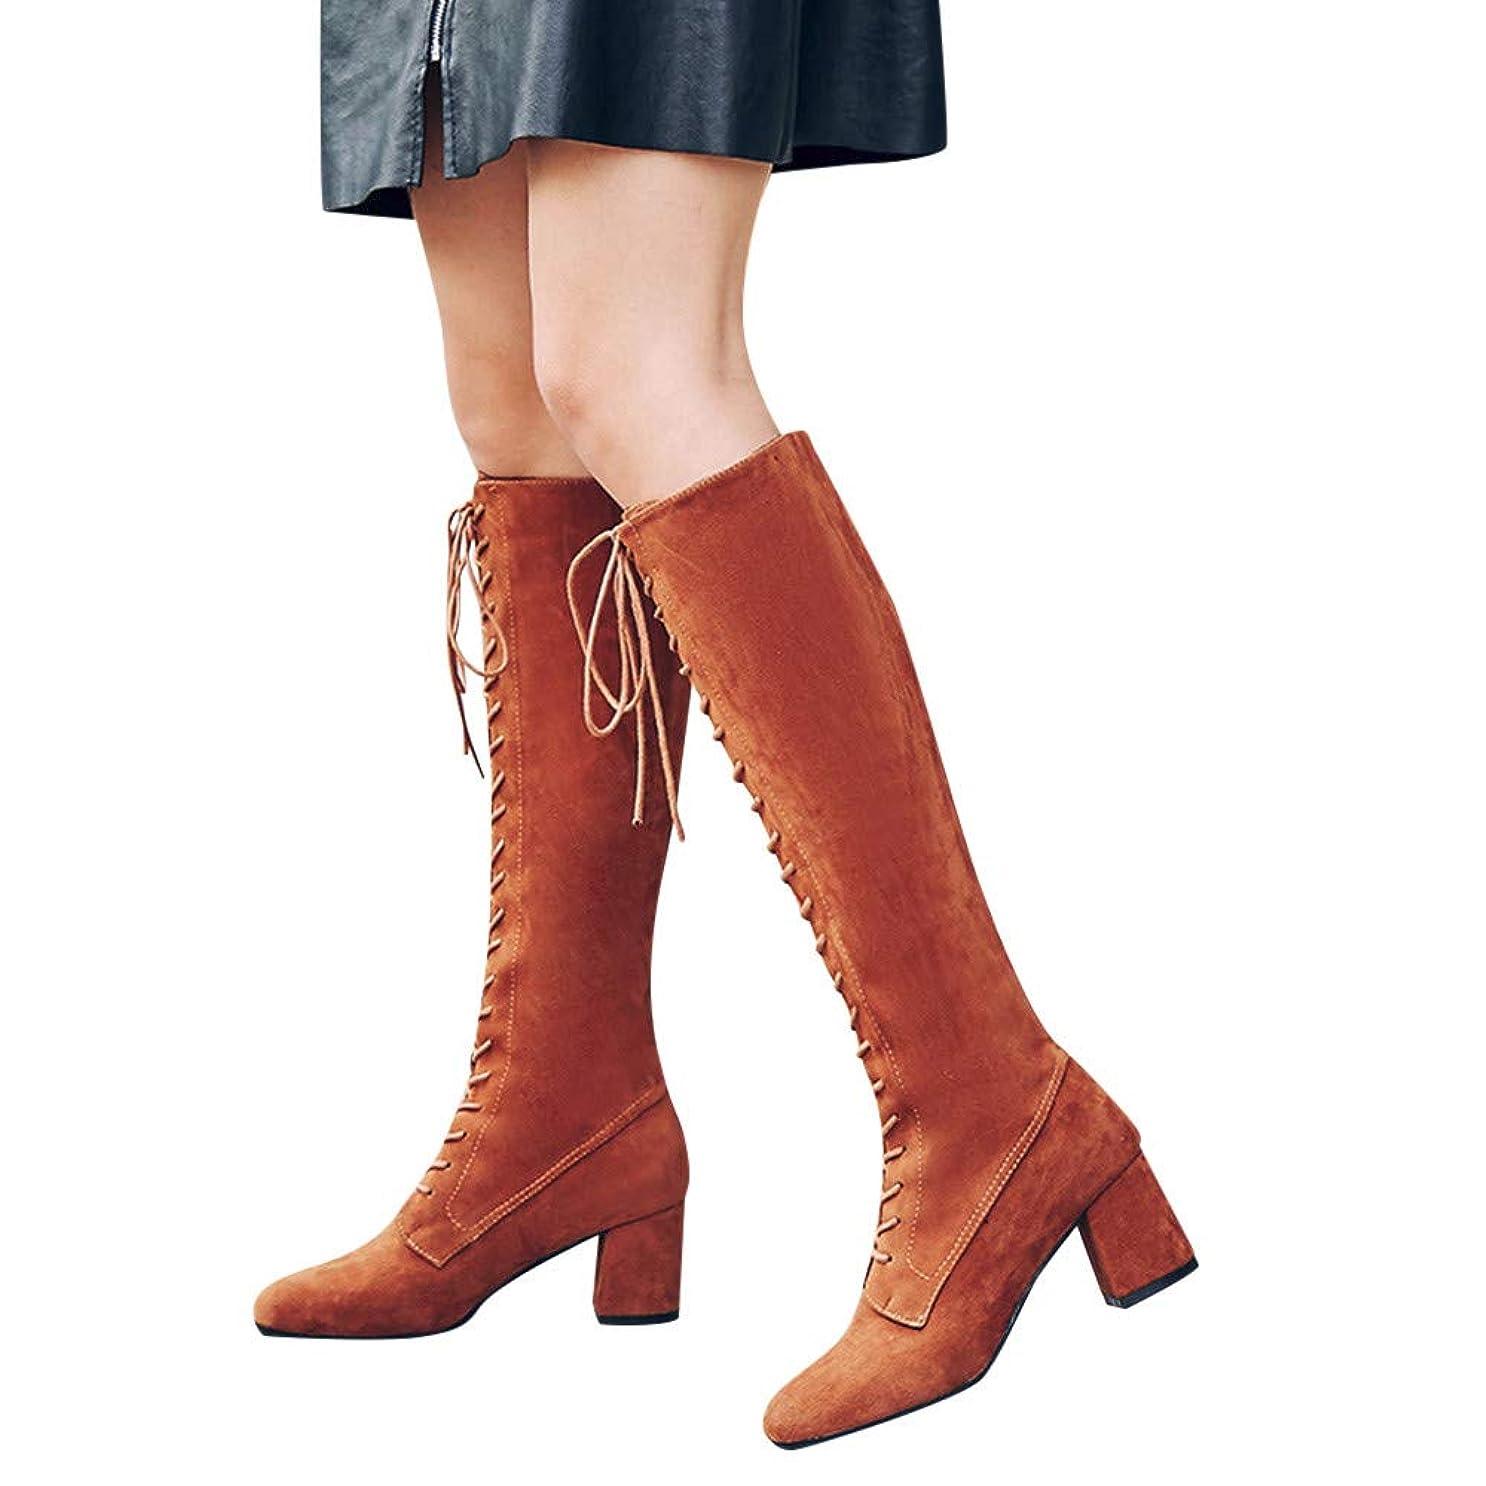 [ブーツ] レディース wileqep 春秋冬 スノーブーツ ロングブーツ マーチンブーツ ショートブーツ 編み上げ ジッパー レースアップ 編み上げ 大きいサイズ プラッシュ 美脚 コスプレ 痛くない 靴 スクエアヒール カジュアル 人気 可愛い 歩きやすい